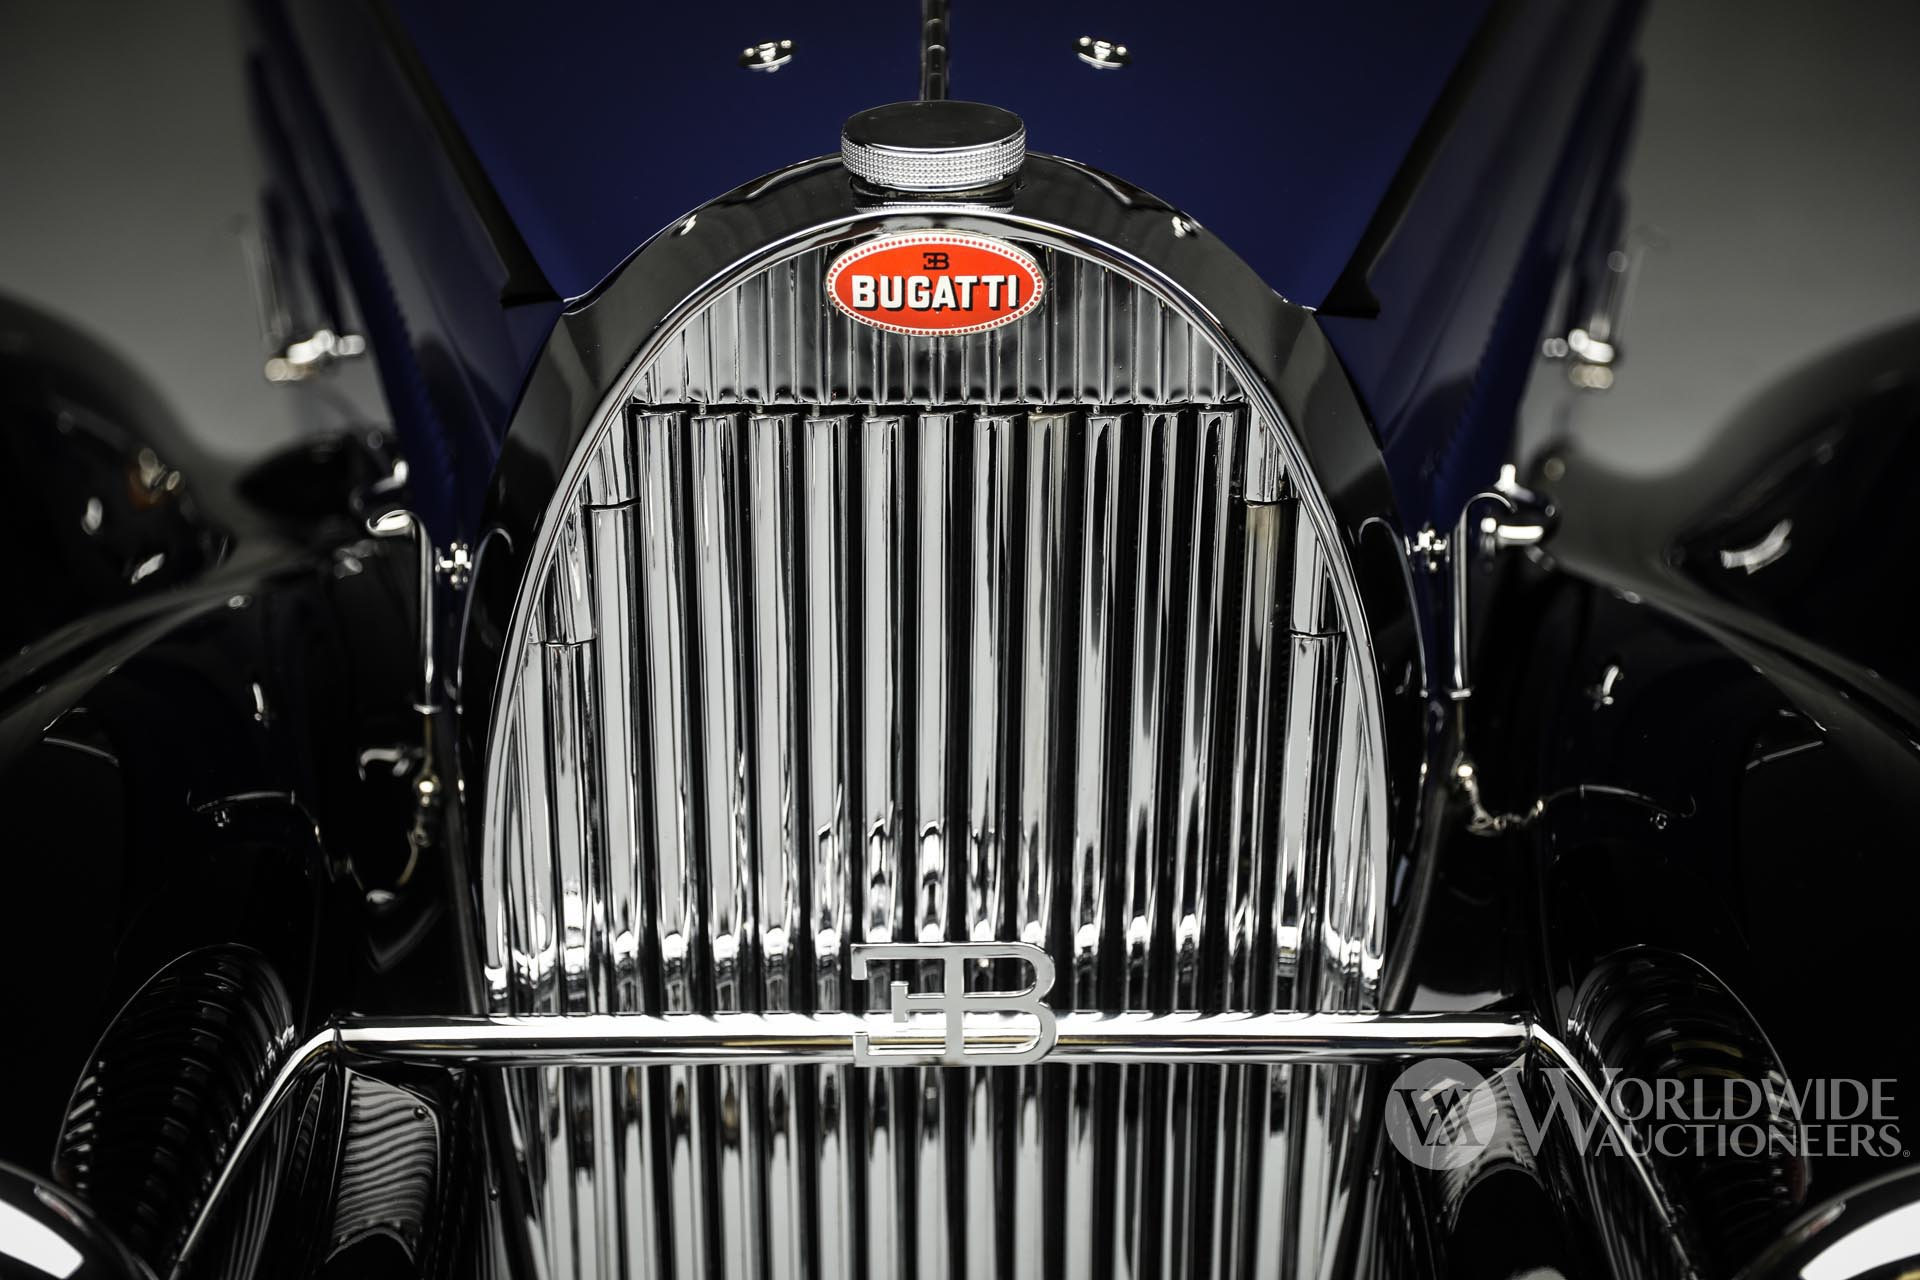 بوجاتي تايب 57 سي أتالانتي كوبيه لعام 1938